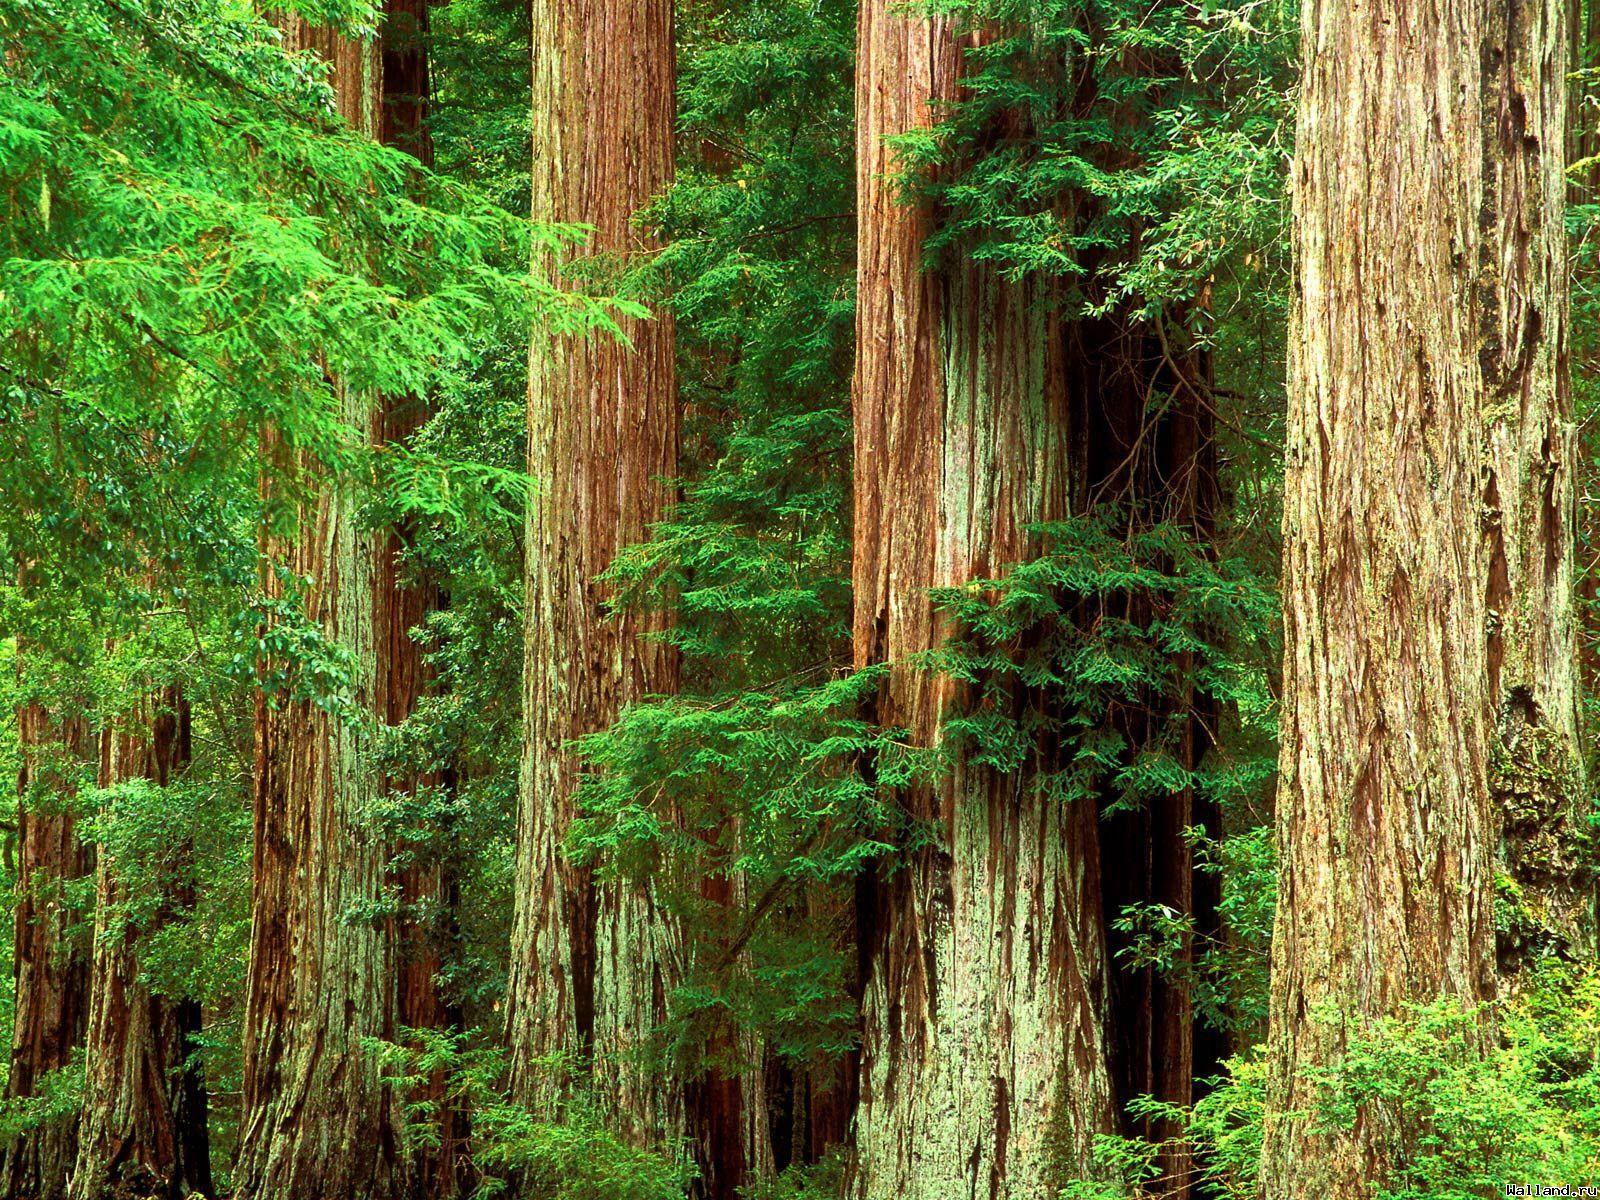 Տավուշի մարզում ապօրինի հատվել են 182 ծառեր